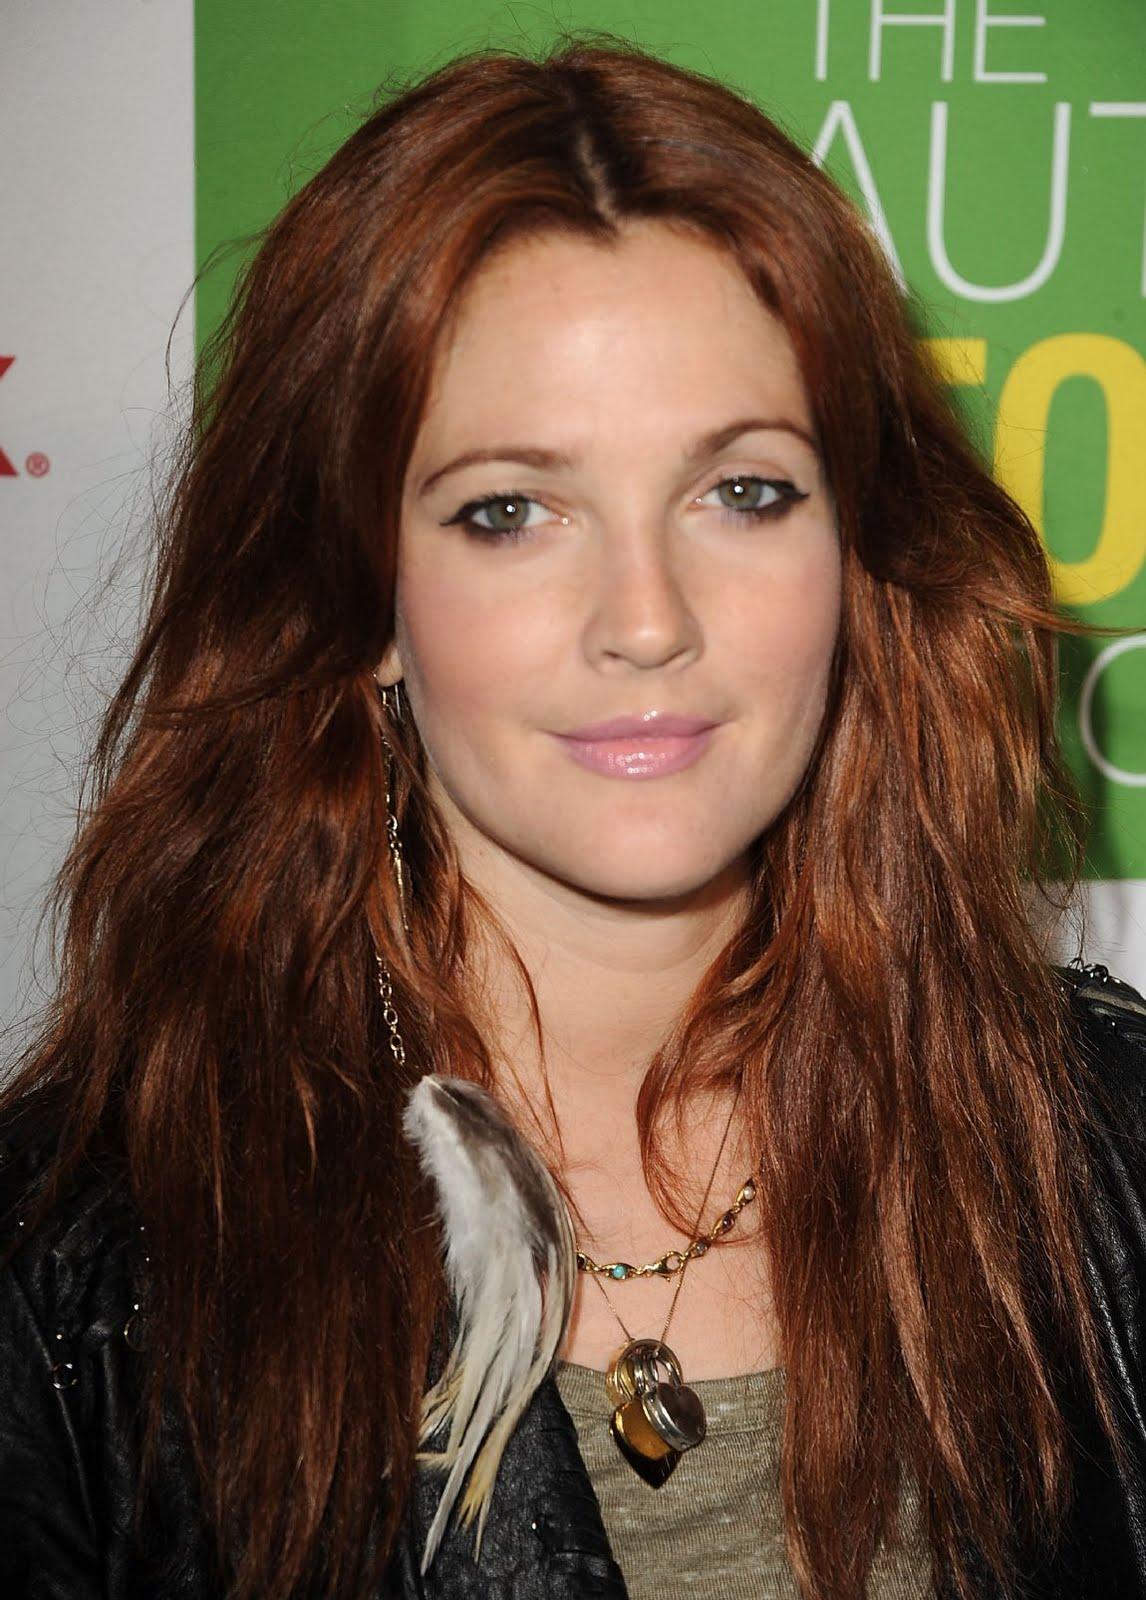 http://1.bp.blogspot.com/-TilAxi40m5g/Ta5B42bMDCI/AAAAAAAADR0/8ca5Ge8Pawg/s1600/red+hair.jpg